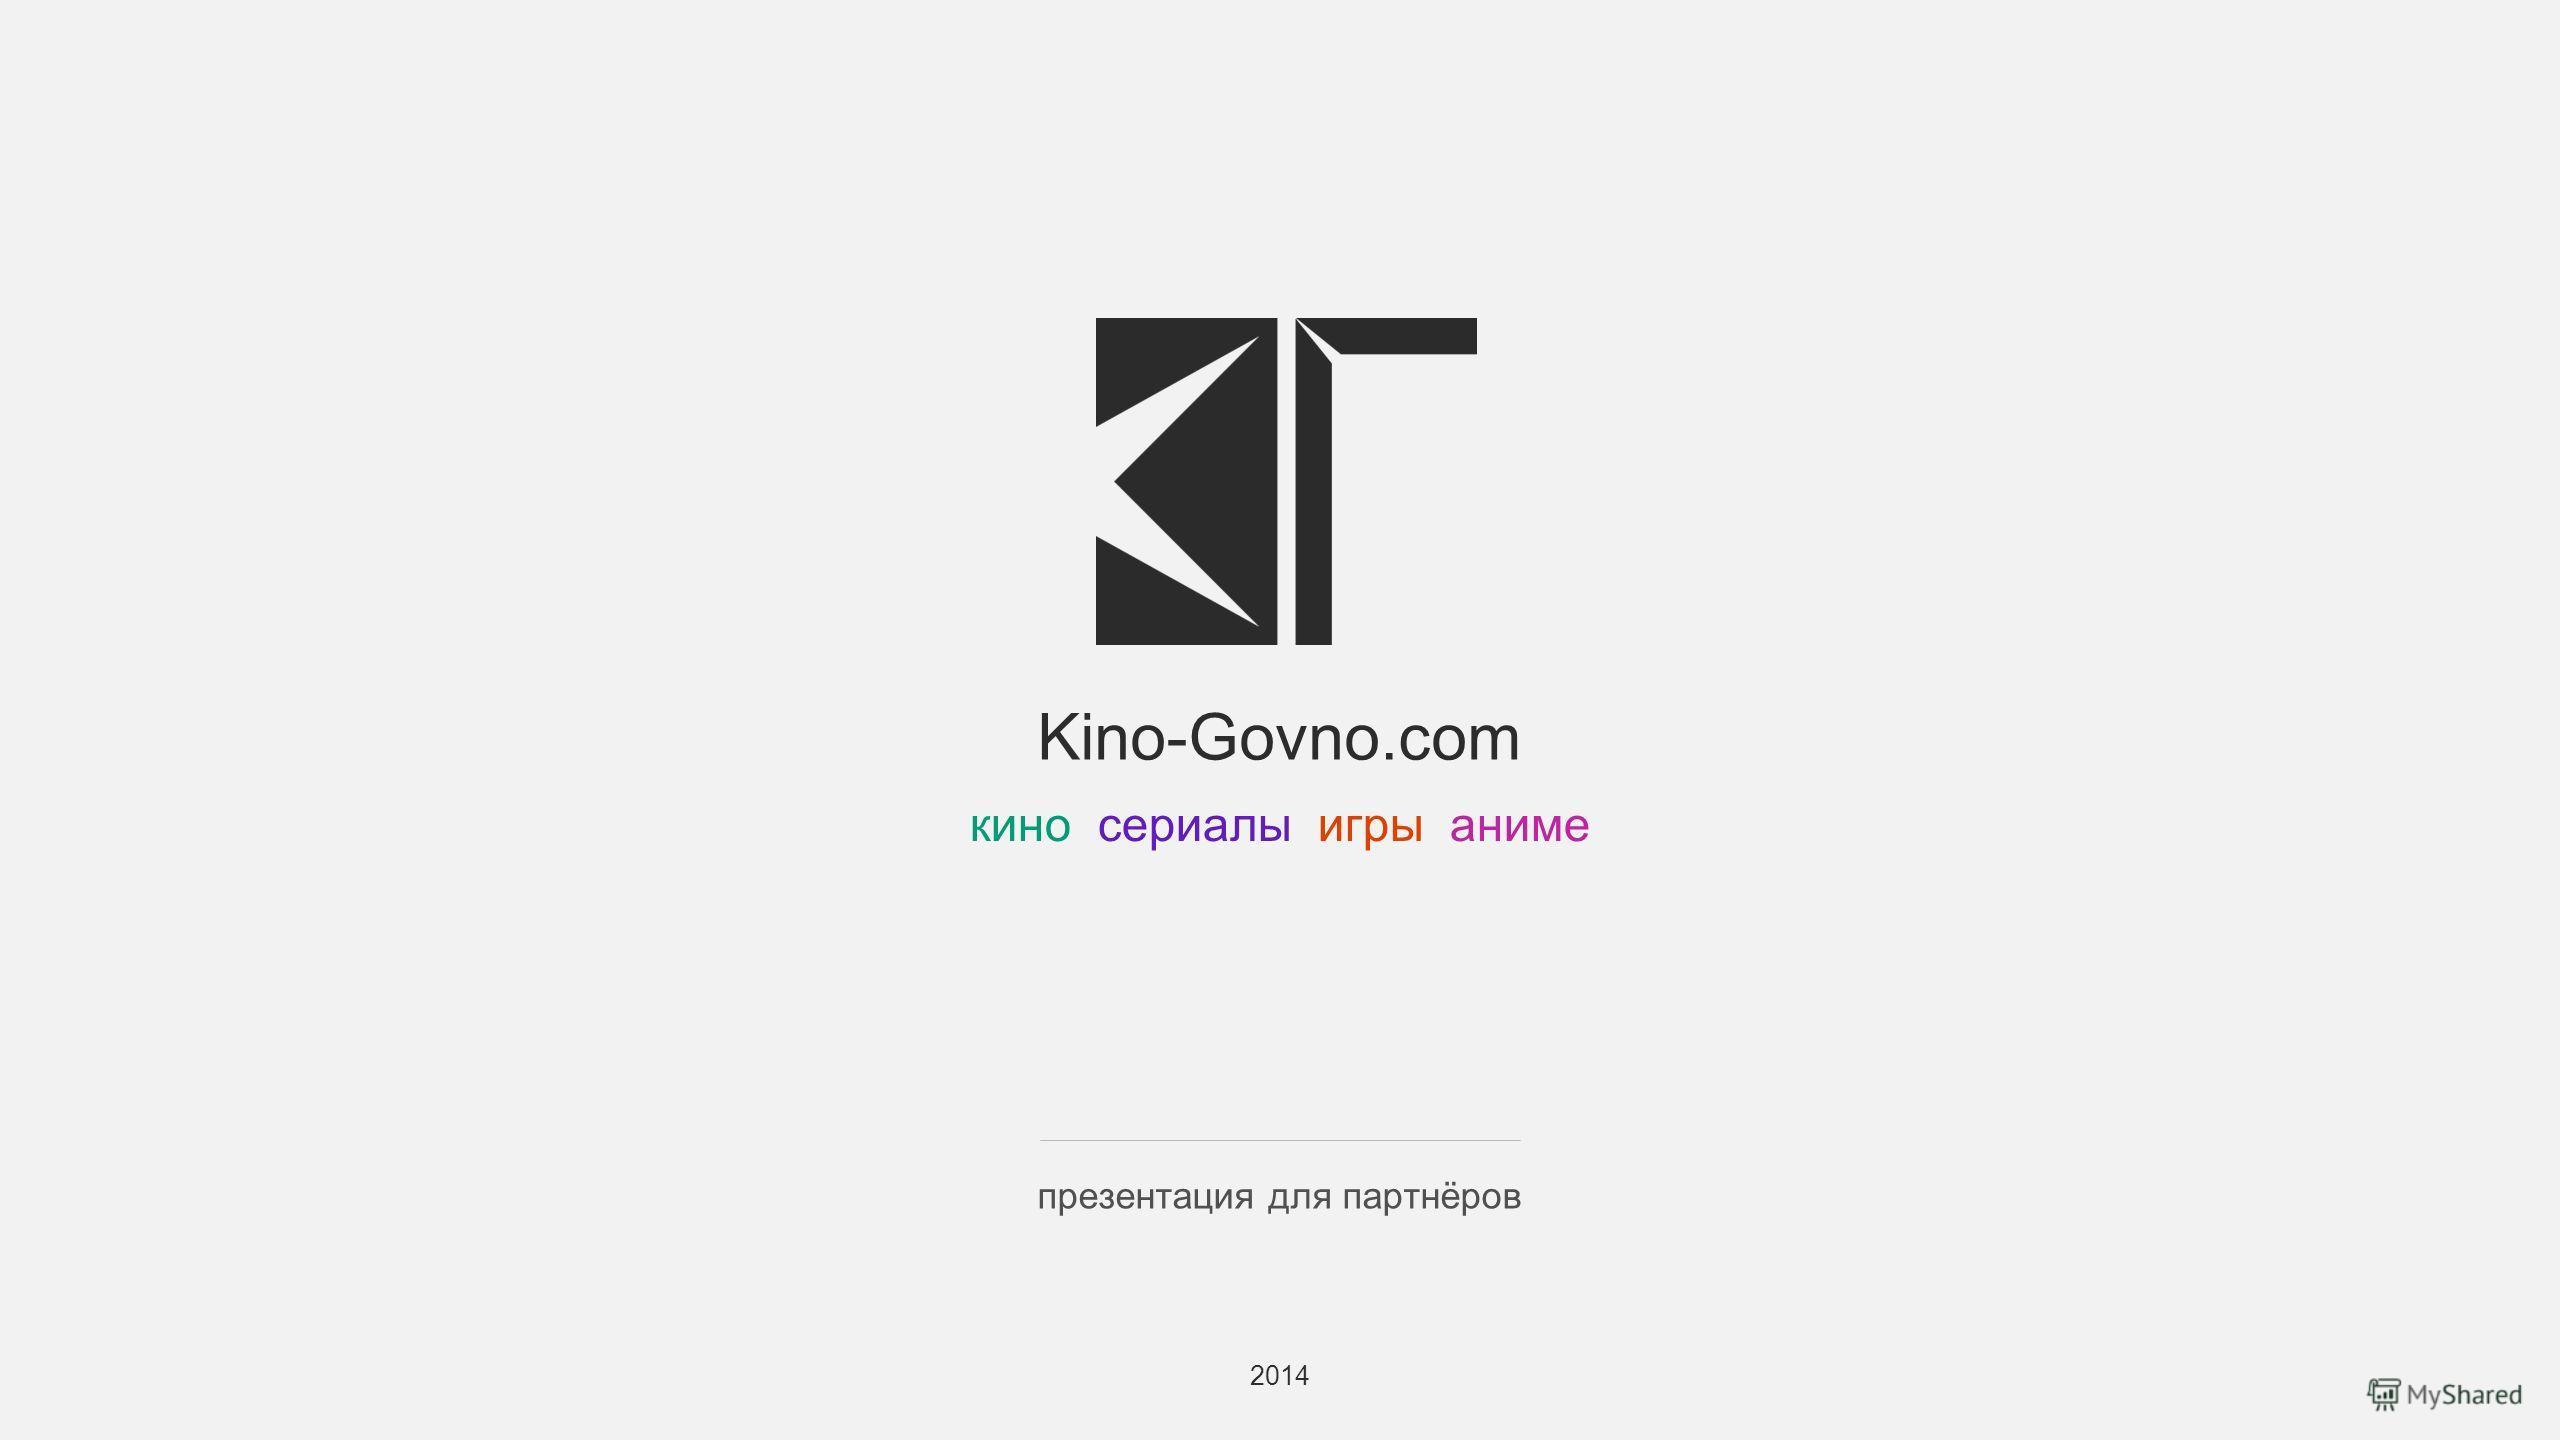 Kino-Govno.com кино сериалы игры аниме презентация для партнёров 2014